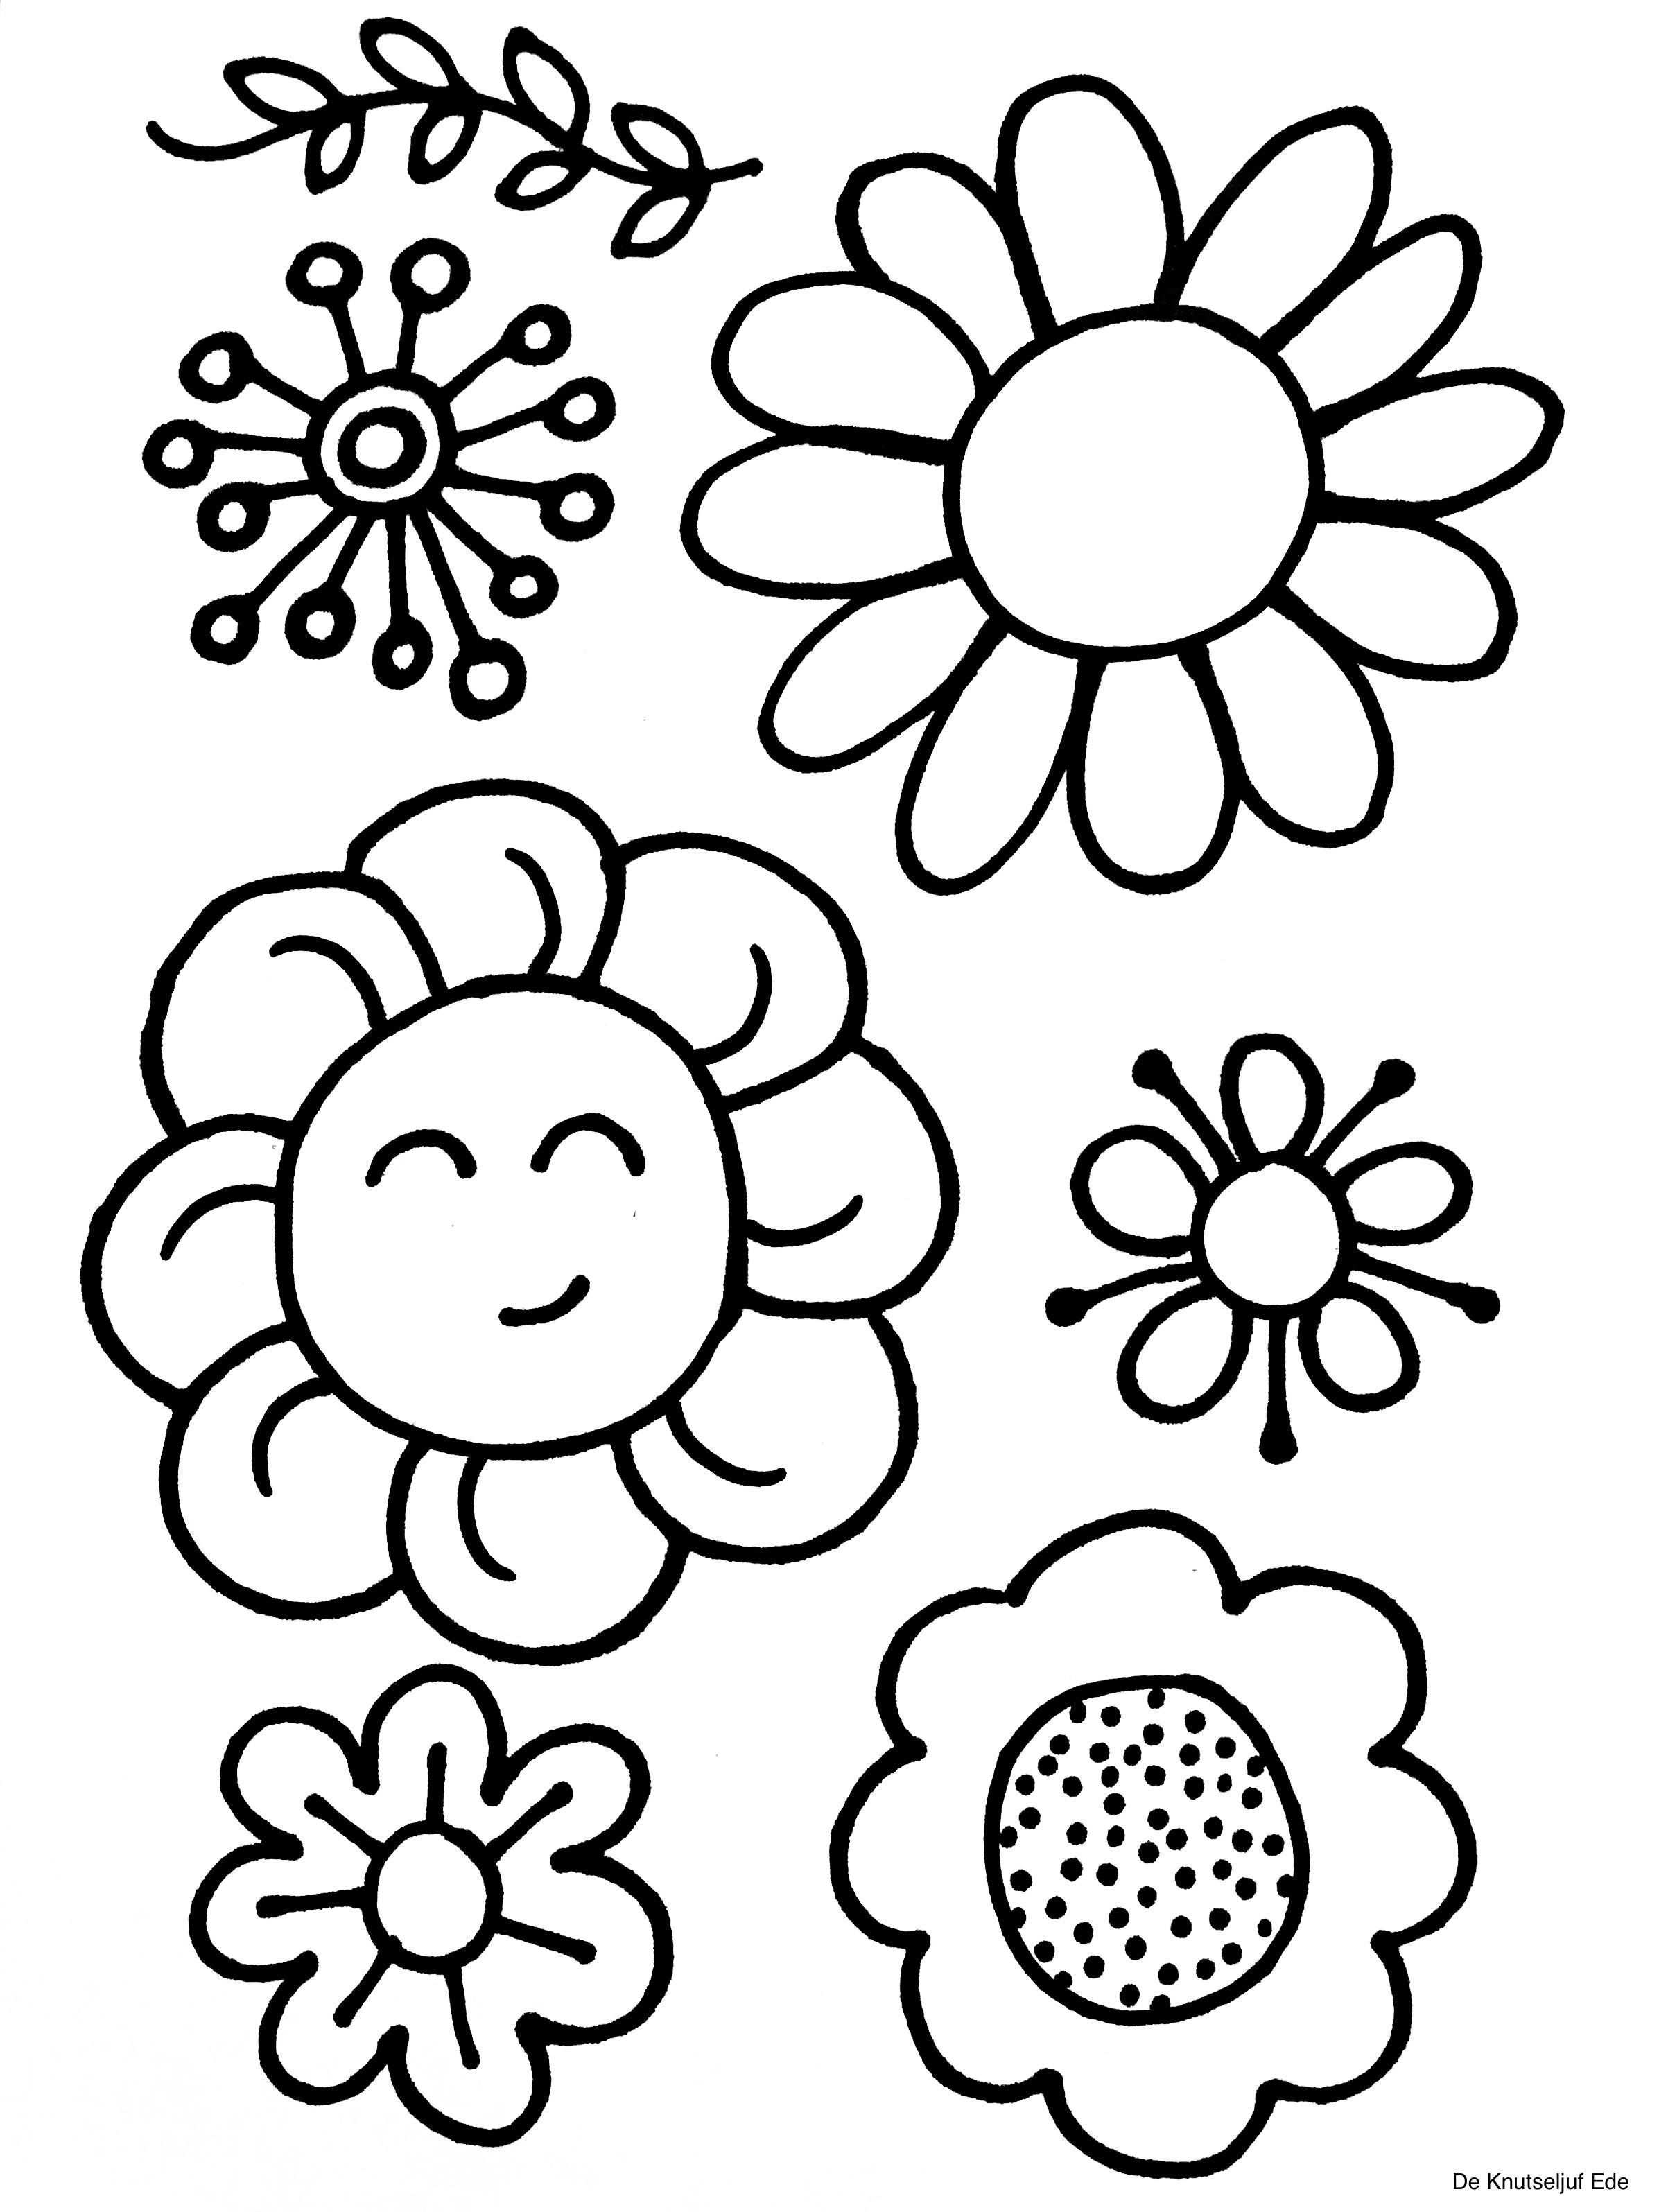 Kleurplaten Bloemen Kleurplaten Bloem Kleurplaten Bloem Sjabloon